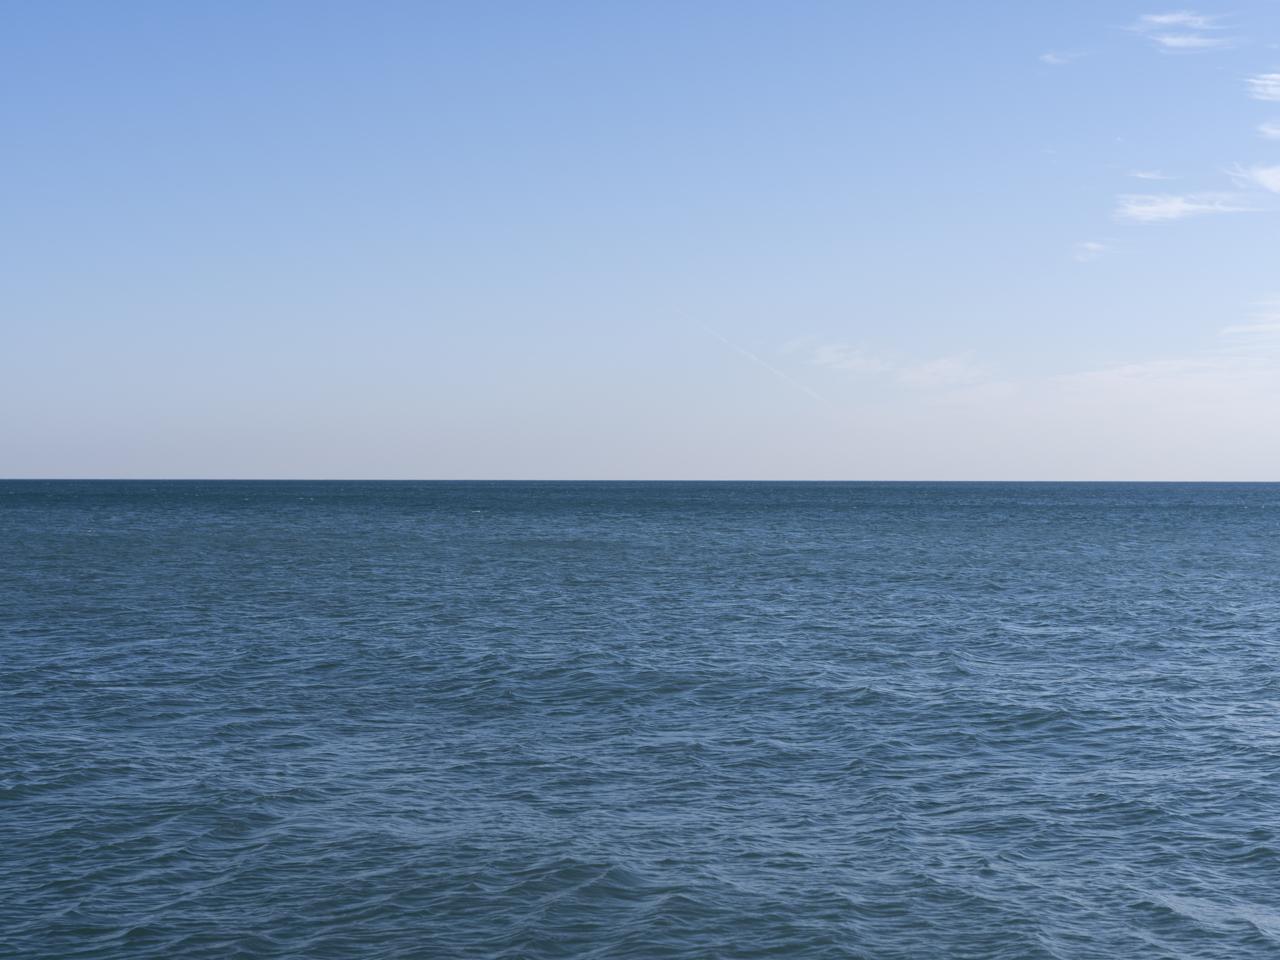 Lake Michigan, January 2nd, 2020 (2)